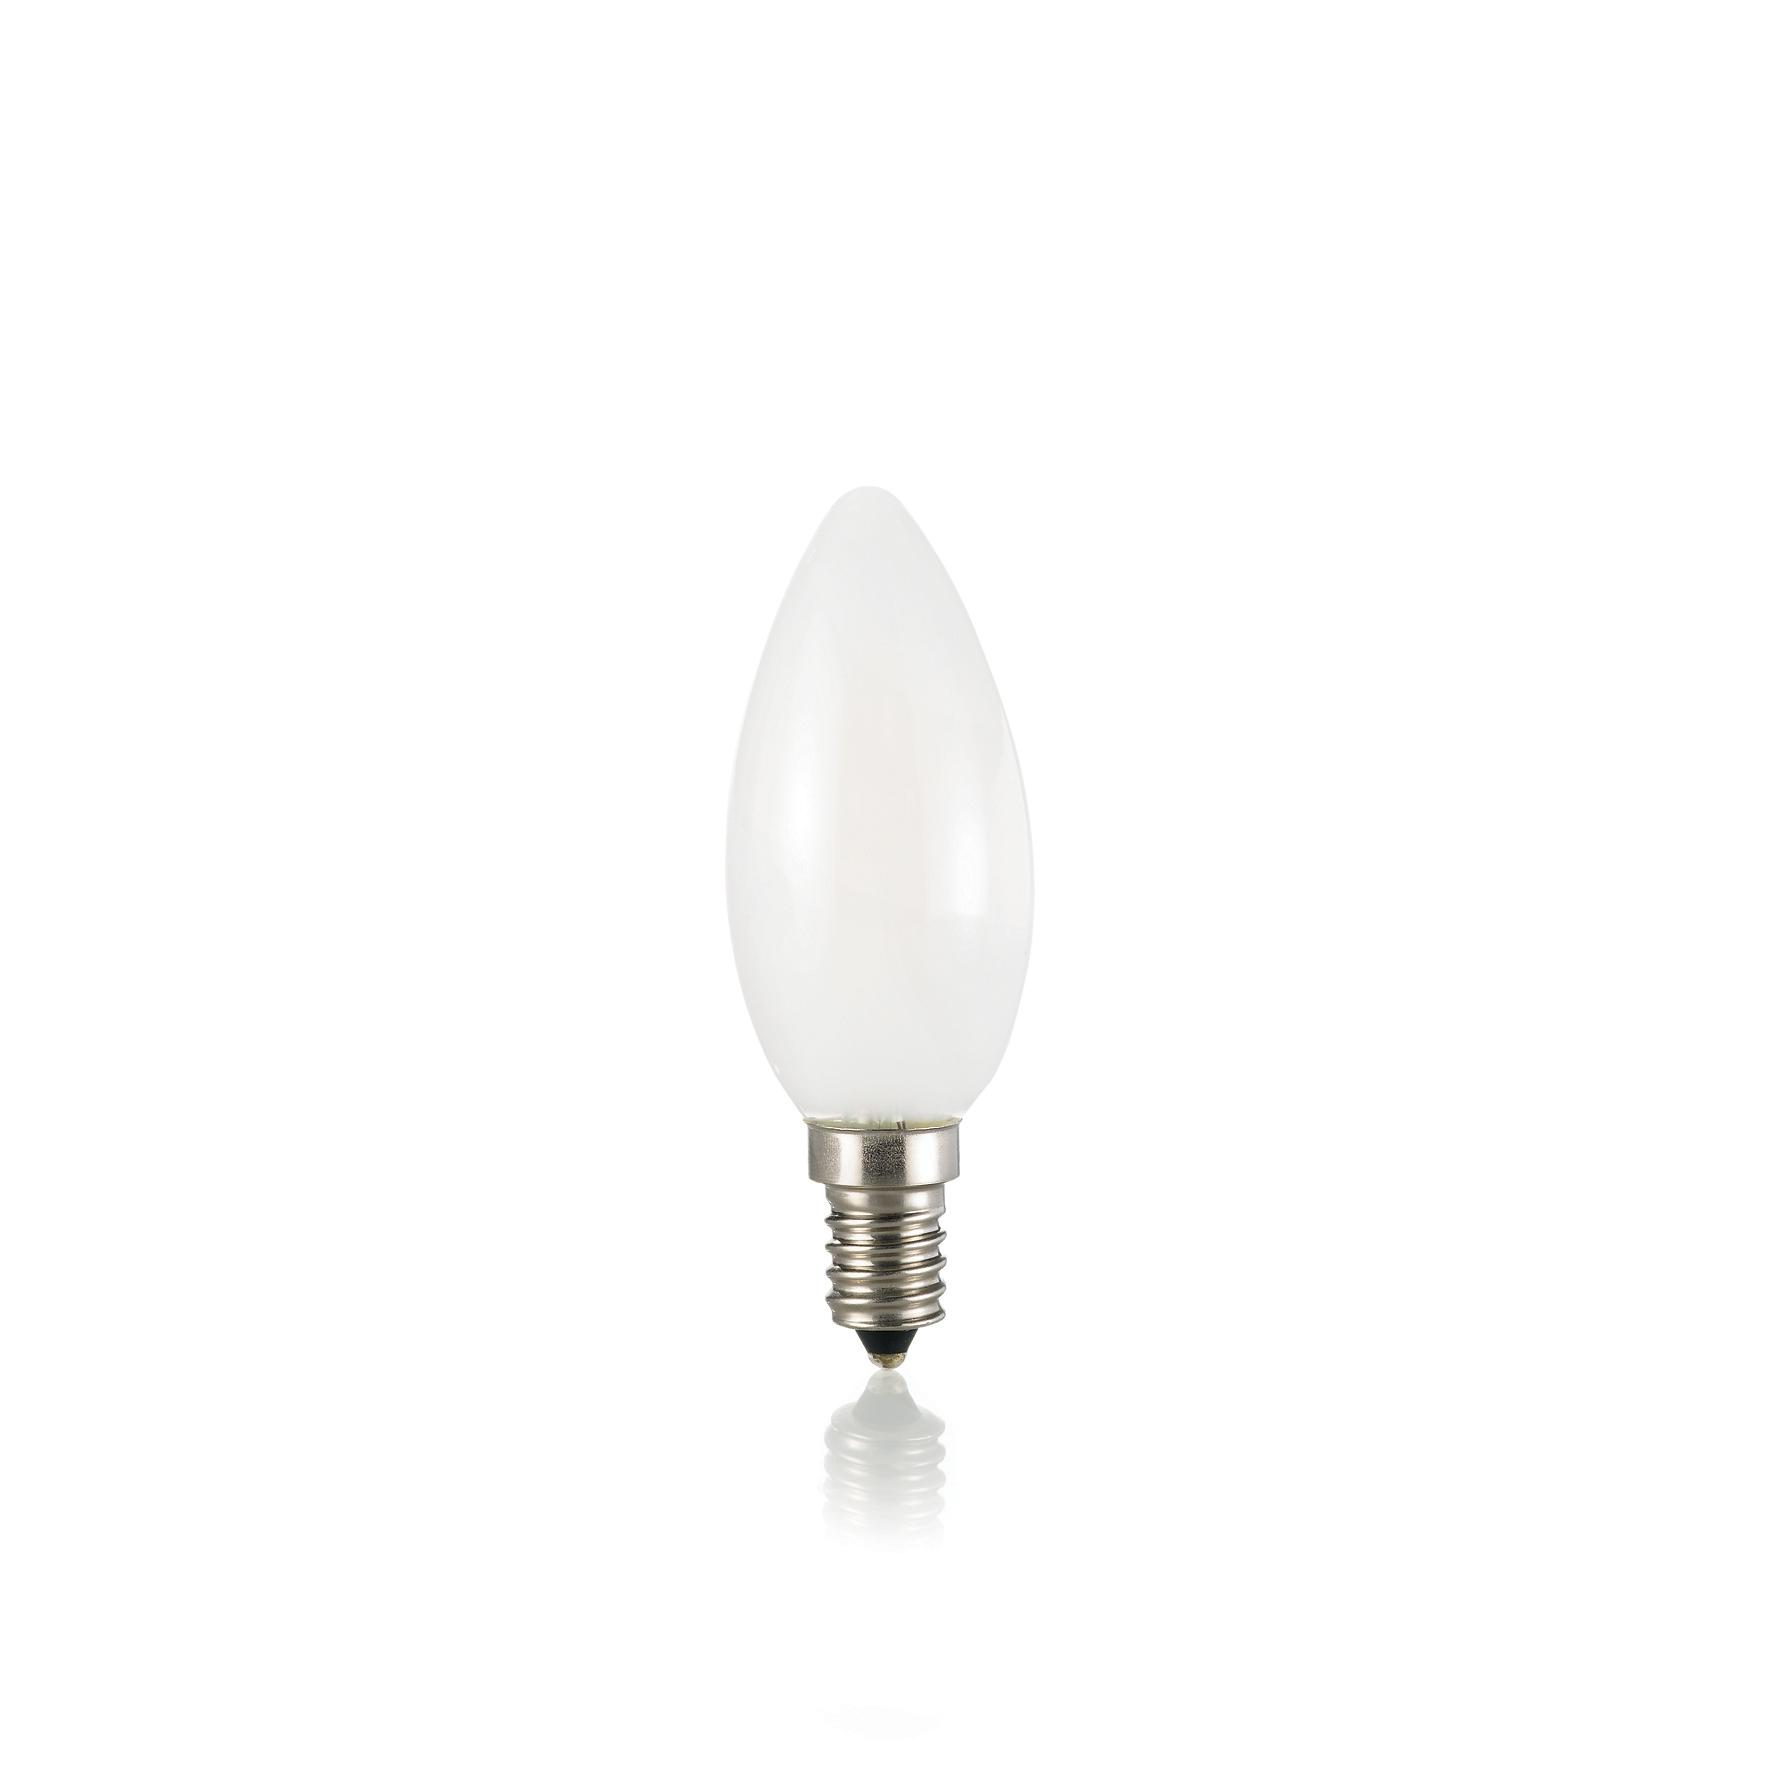 CLASSIC BULB - E14 OLIVE WHITE